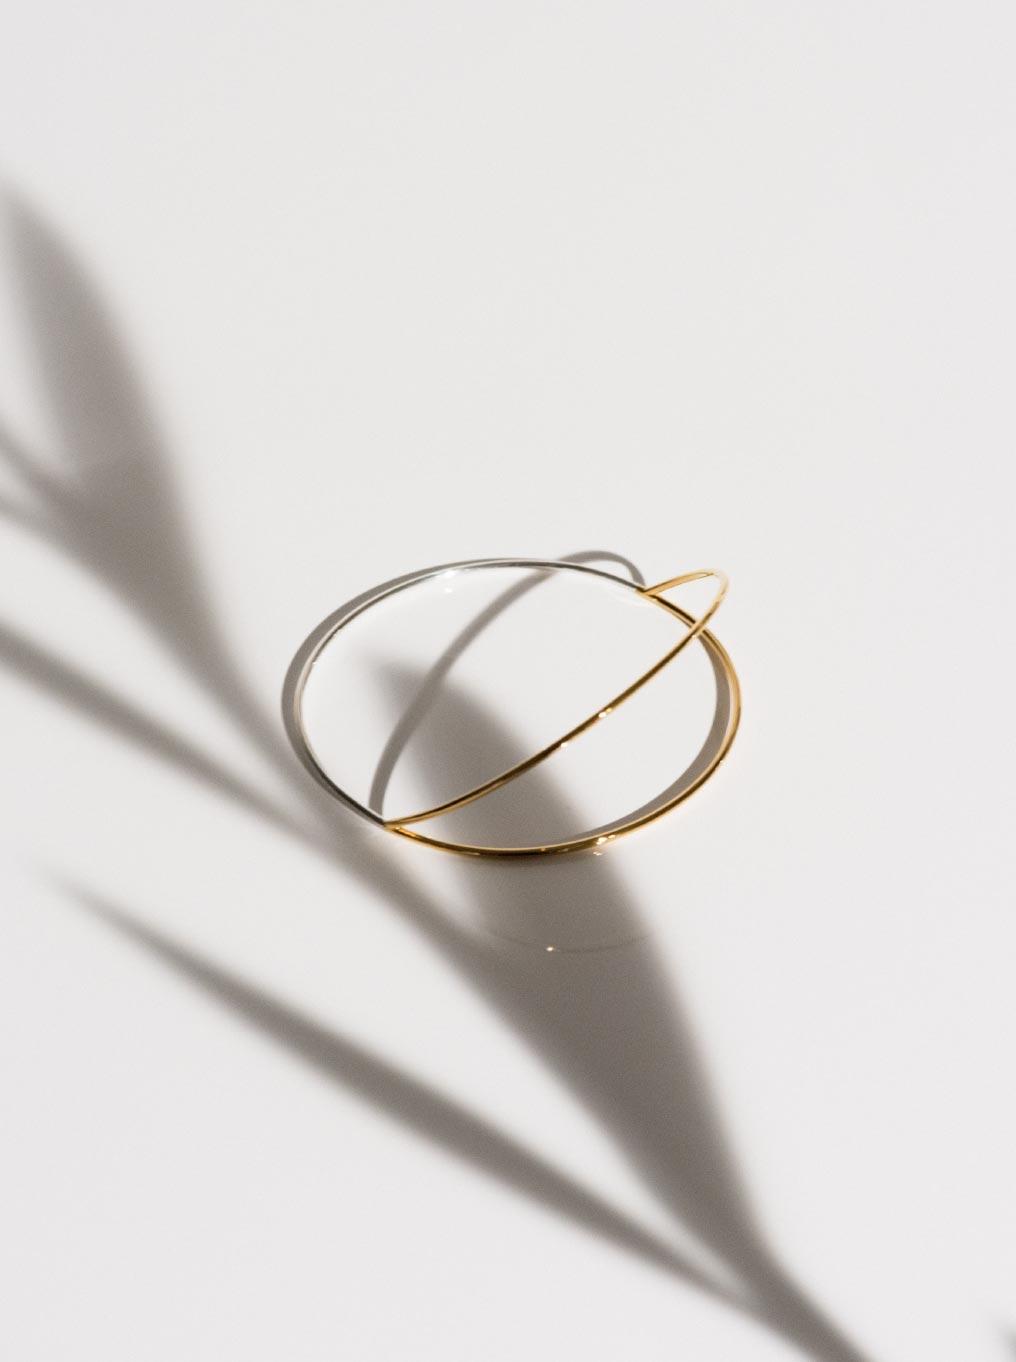 Parting circle bracelet (XI-04-B)